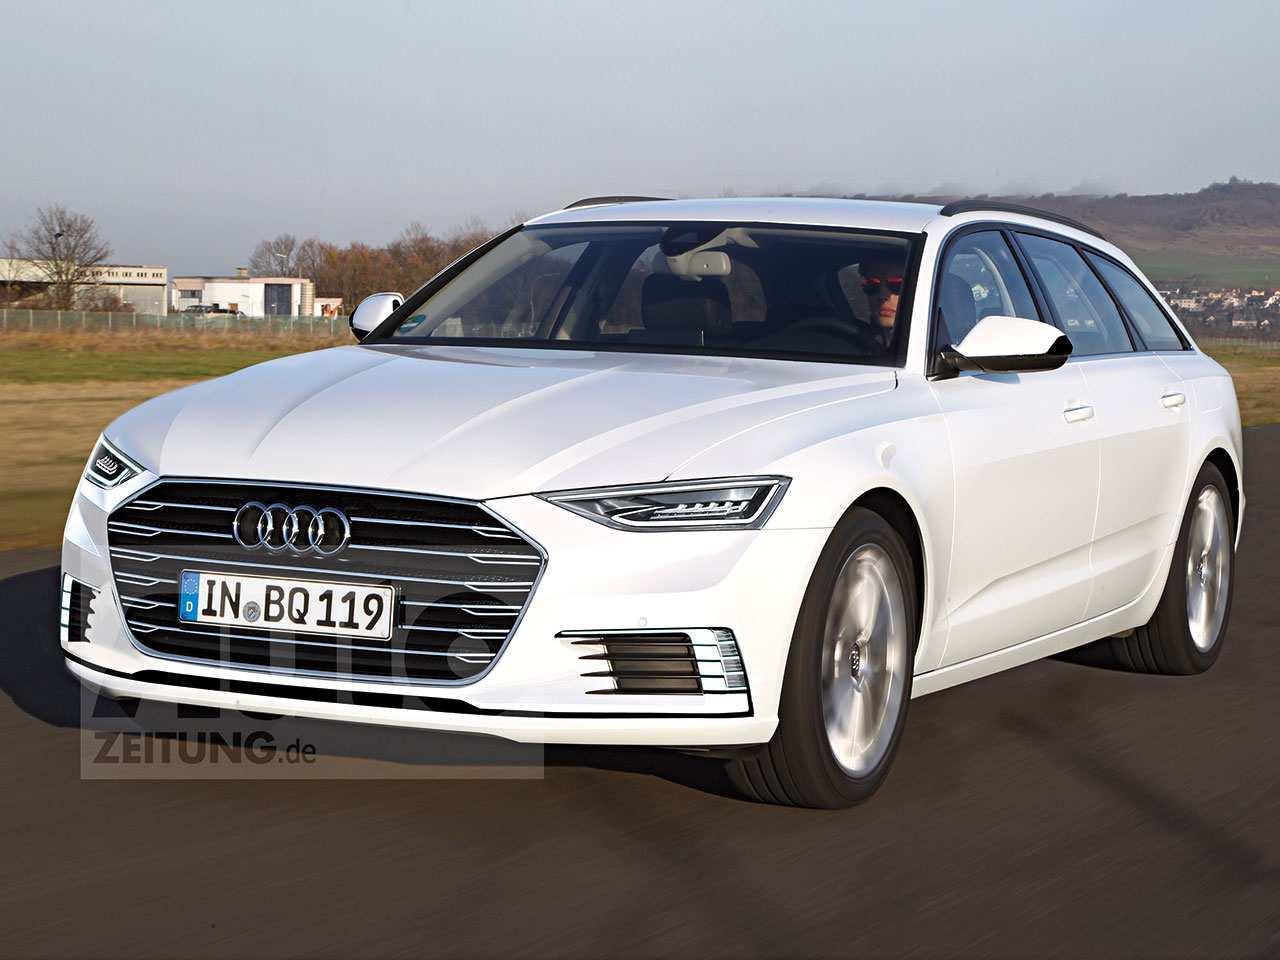 65 New Audi Neuheiten Bis 2020 Style with Audi Neuheiten Bis 2020